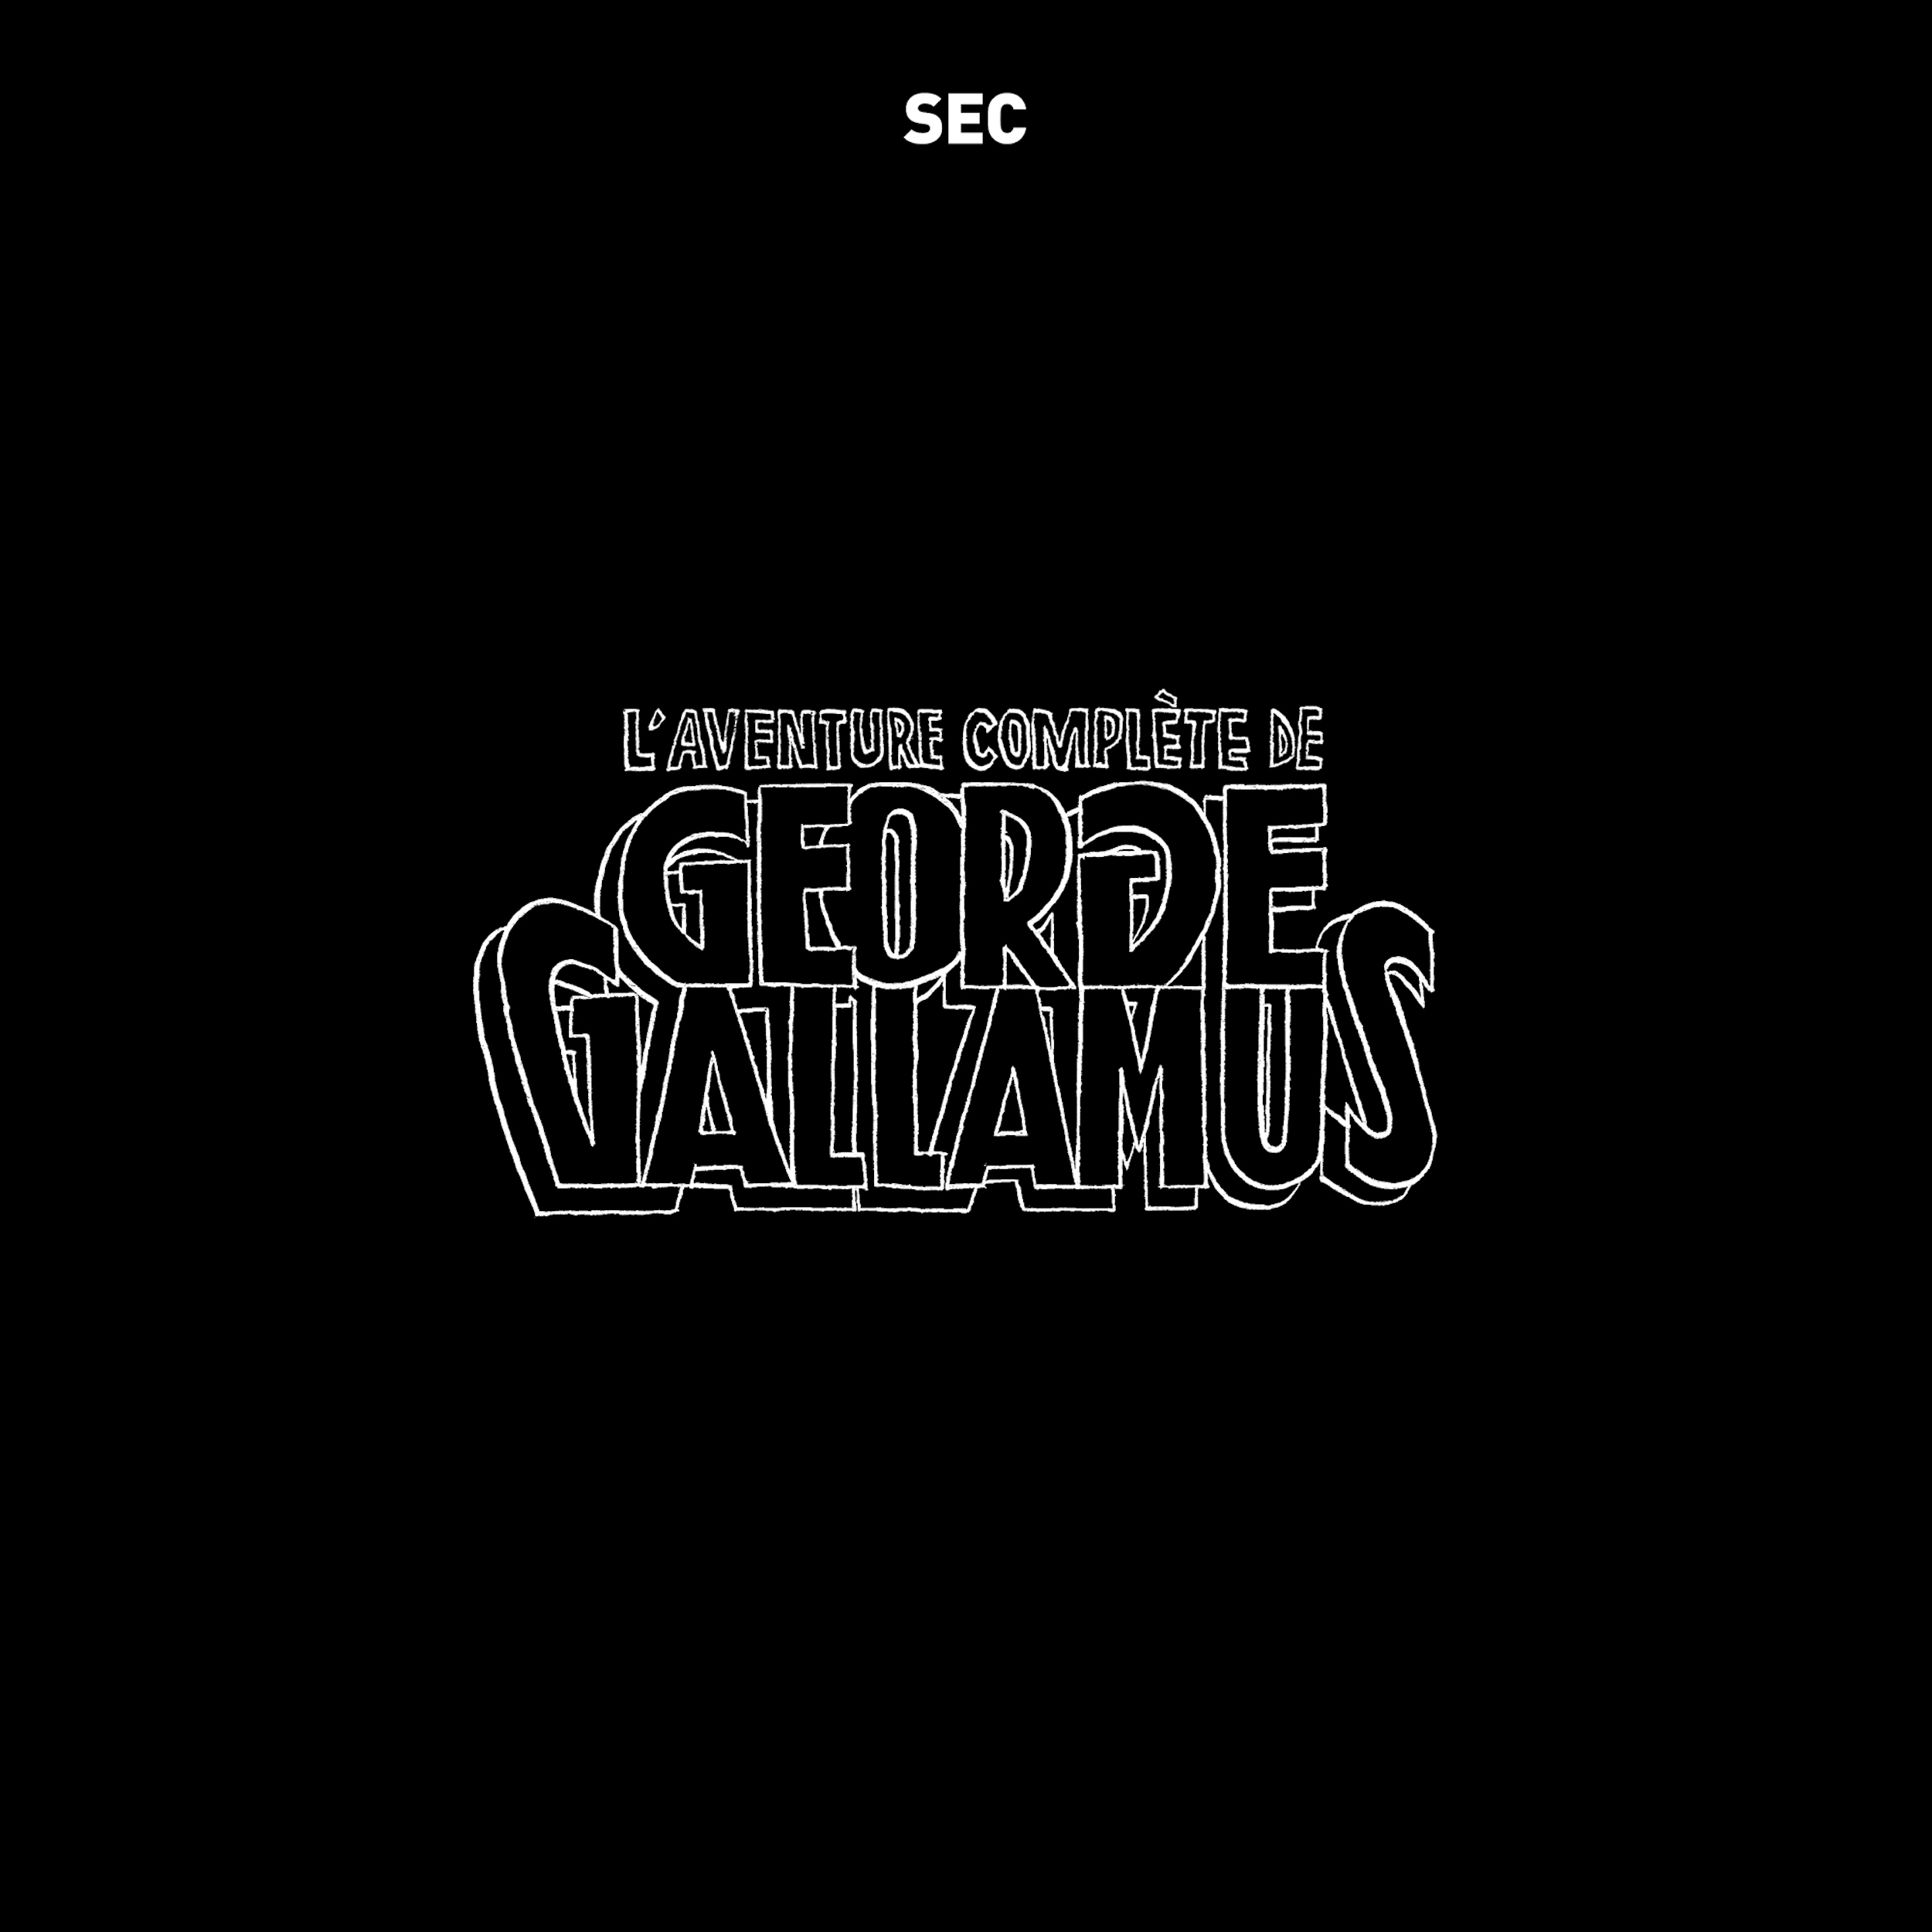 L'aventure complète de george gallamus